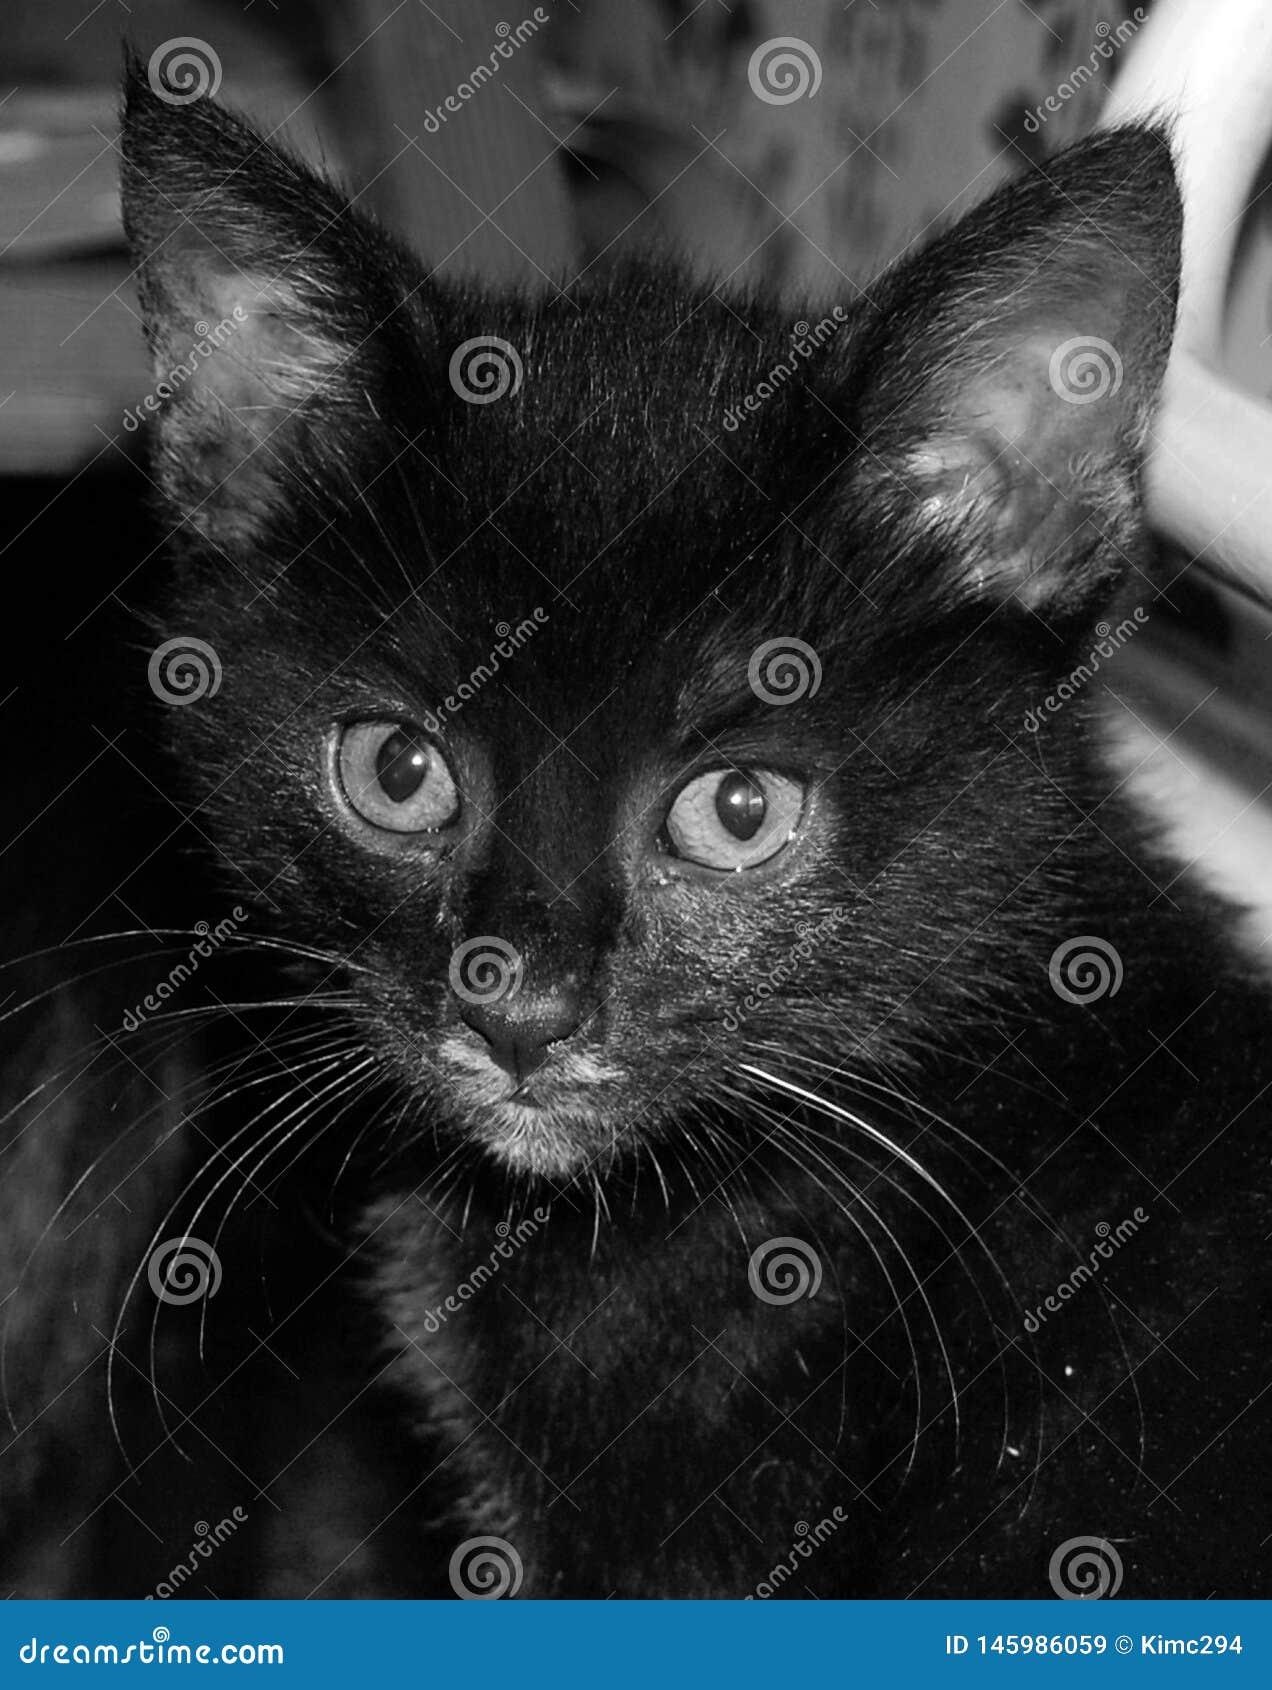 Een dicht omhooggaand portret in zwart-wit van een uiterst klein zwart katje